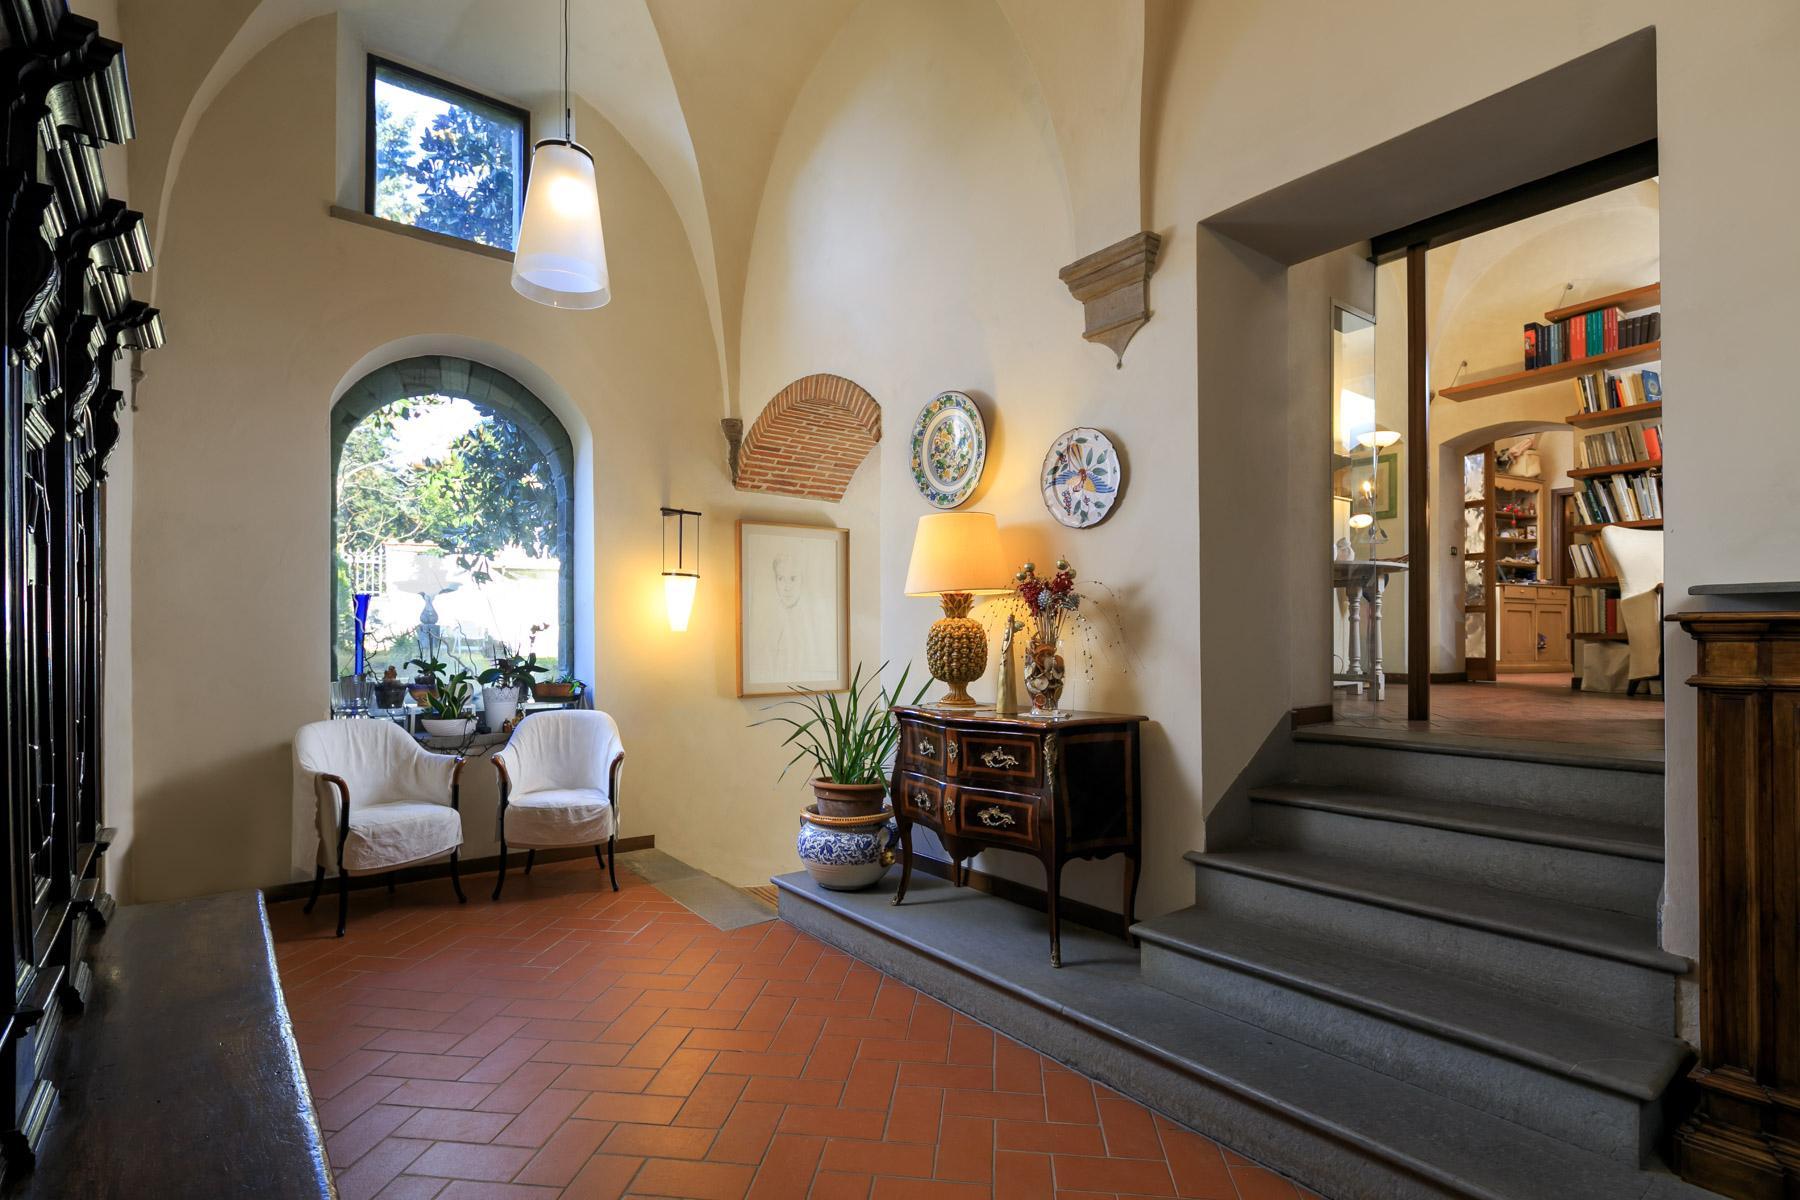 Palazzo Rinascimentale in Vendita a pochi passi da Piazza Grande, Arezzo - 3